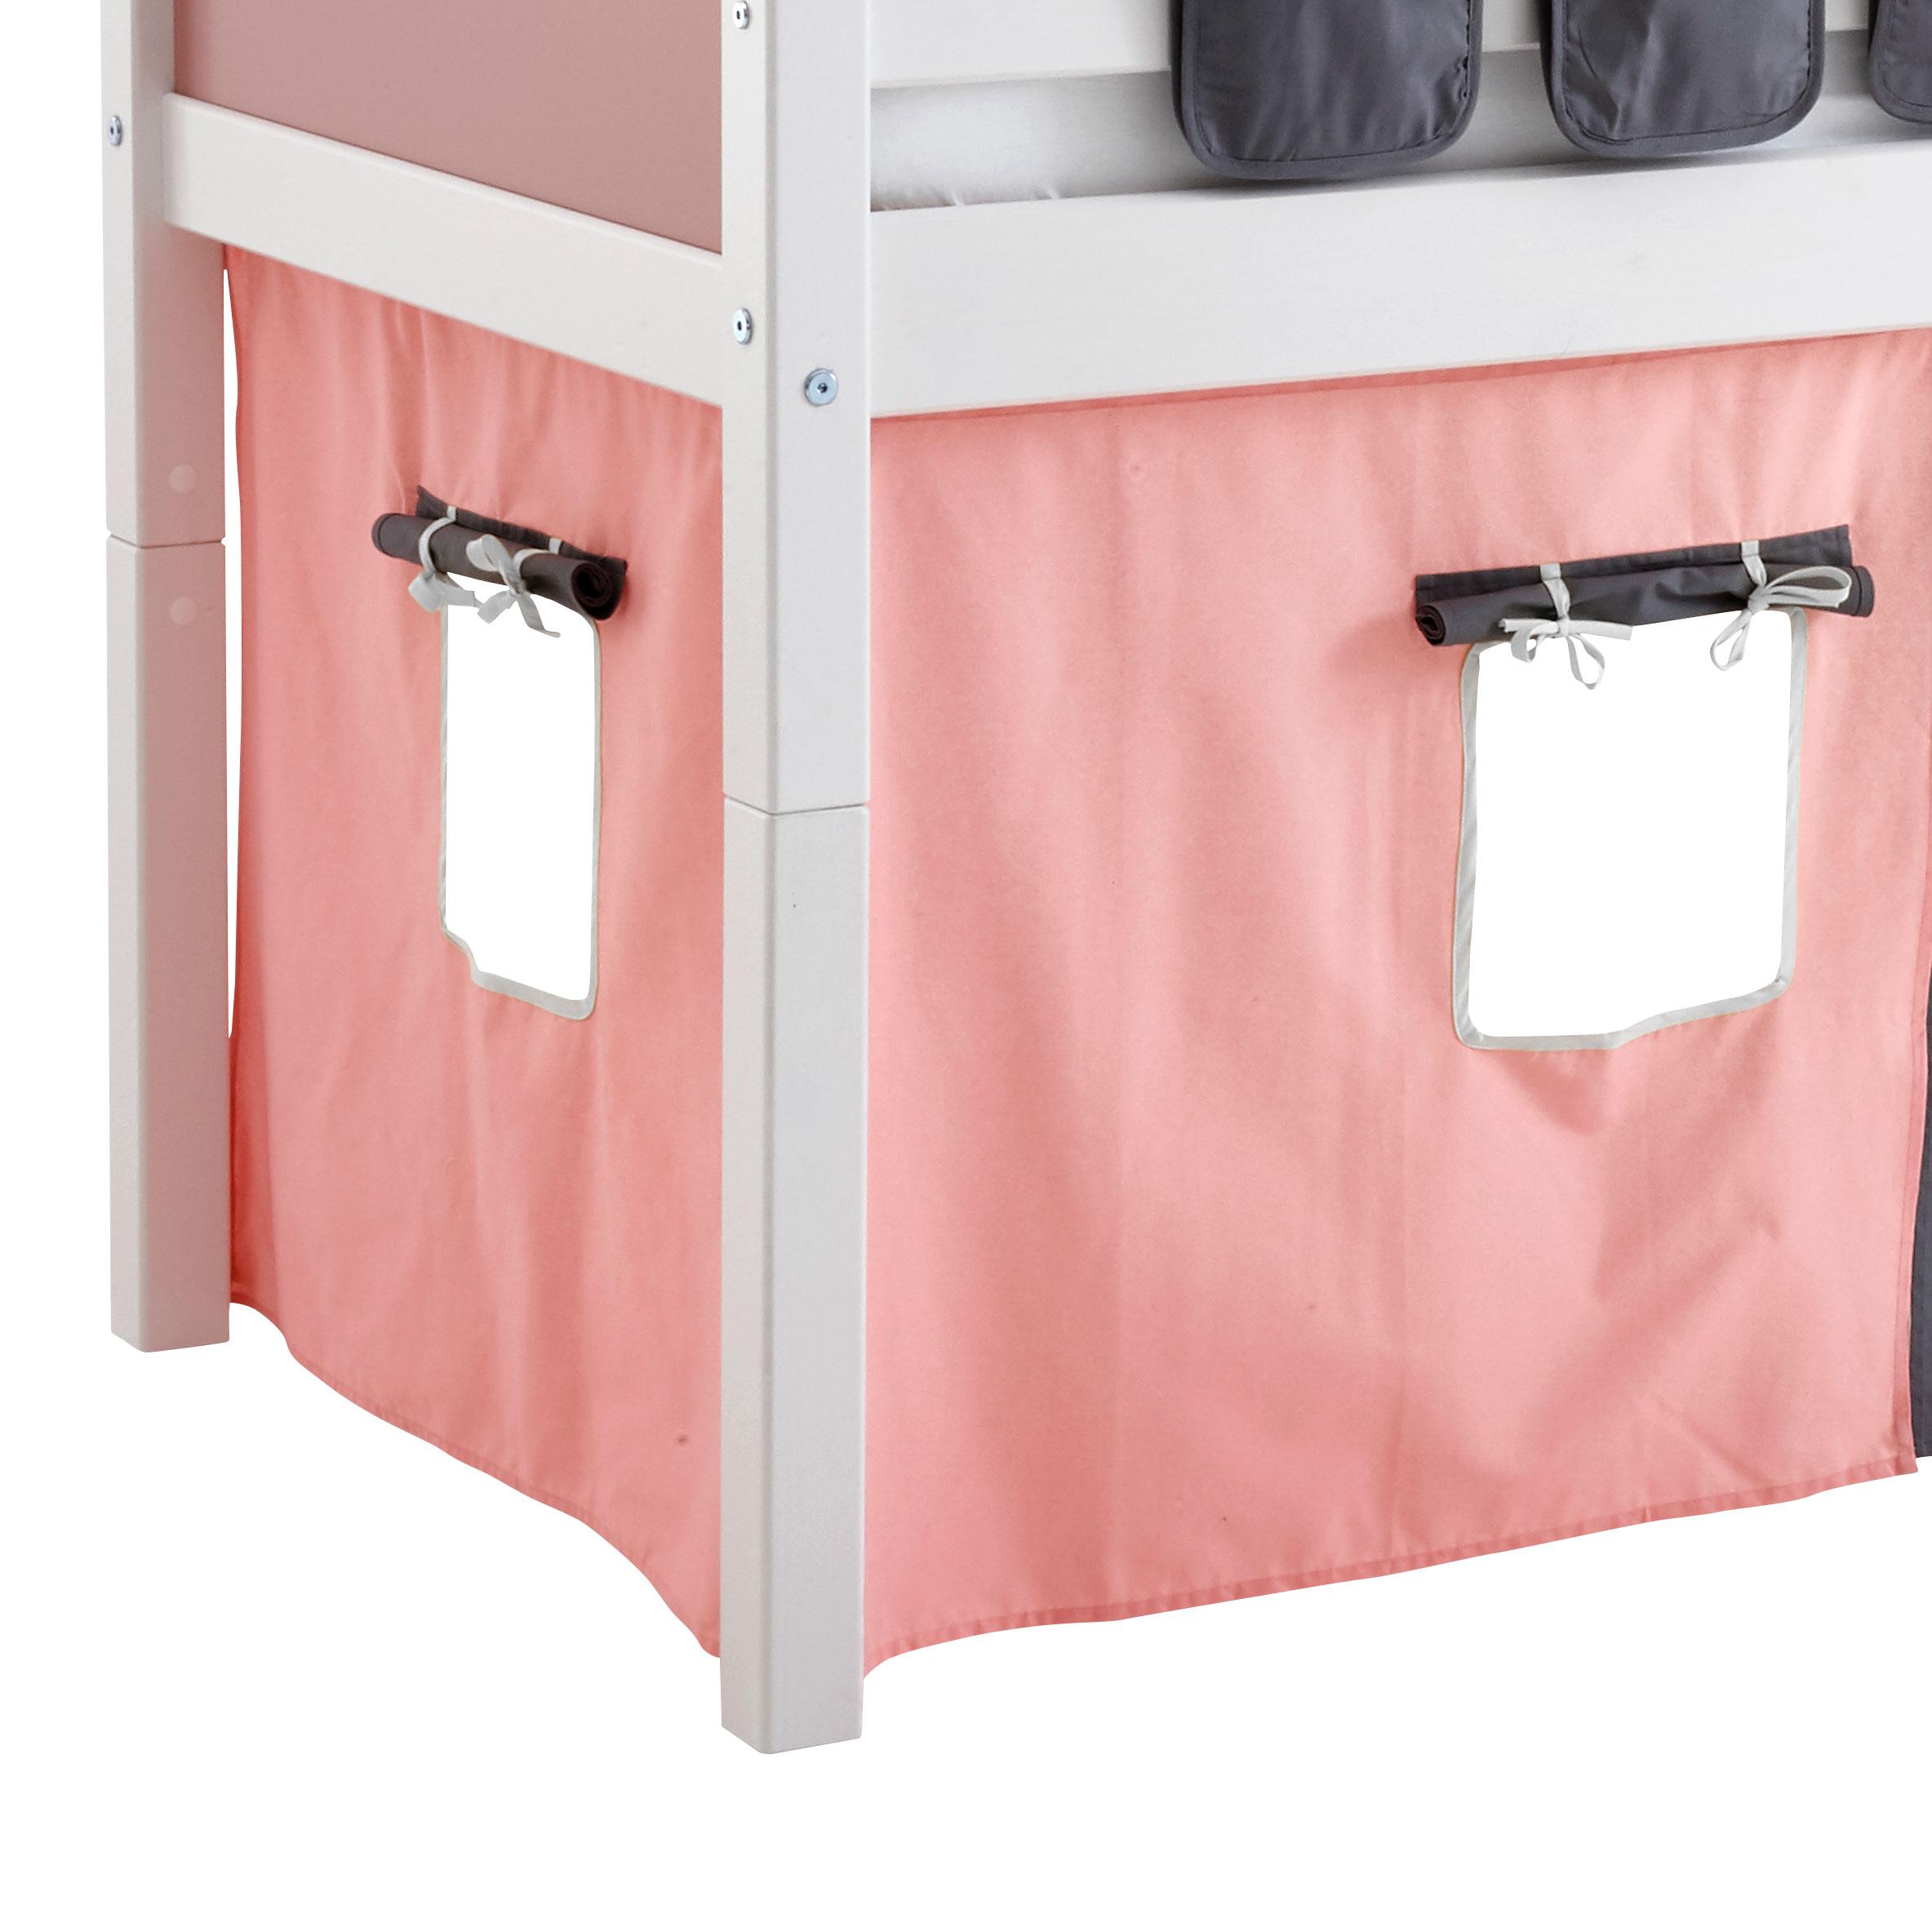 Flexa Basic legeforhæng til halvhøj seng - Pink Til hyggelig hule ...